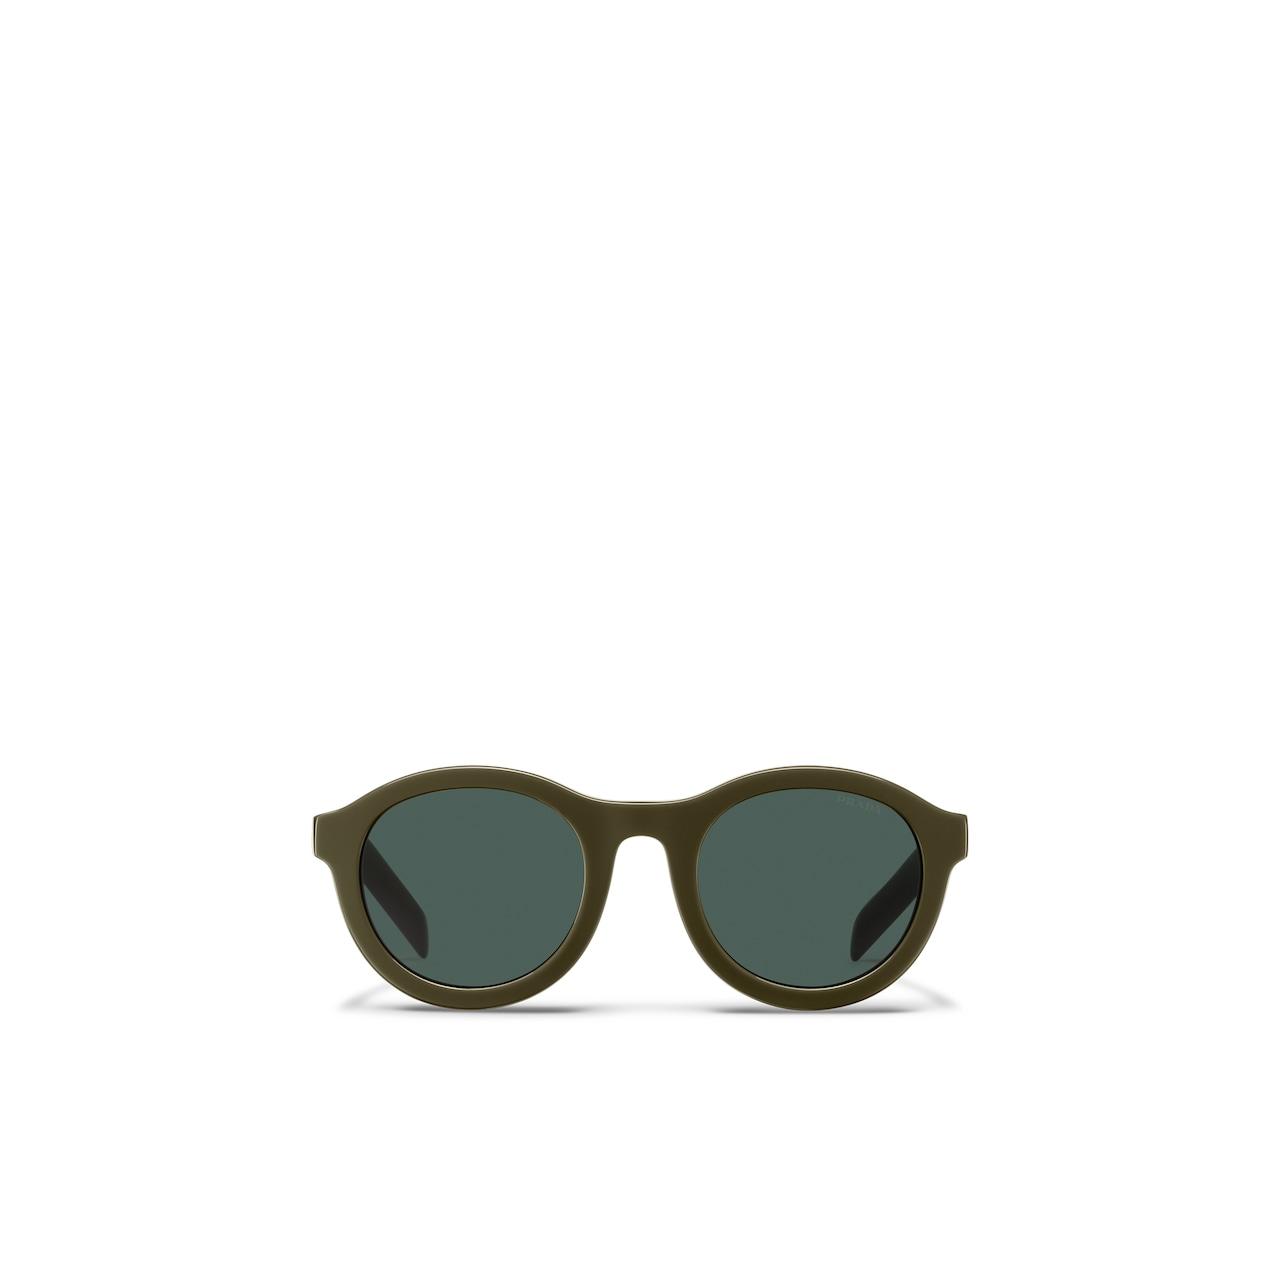 Prada Prada Journal sunglasses 1